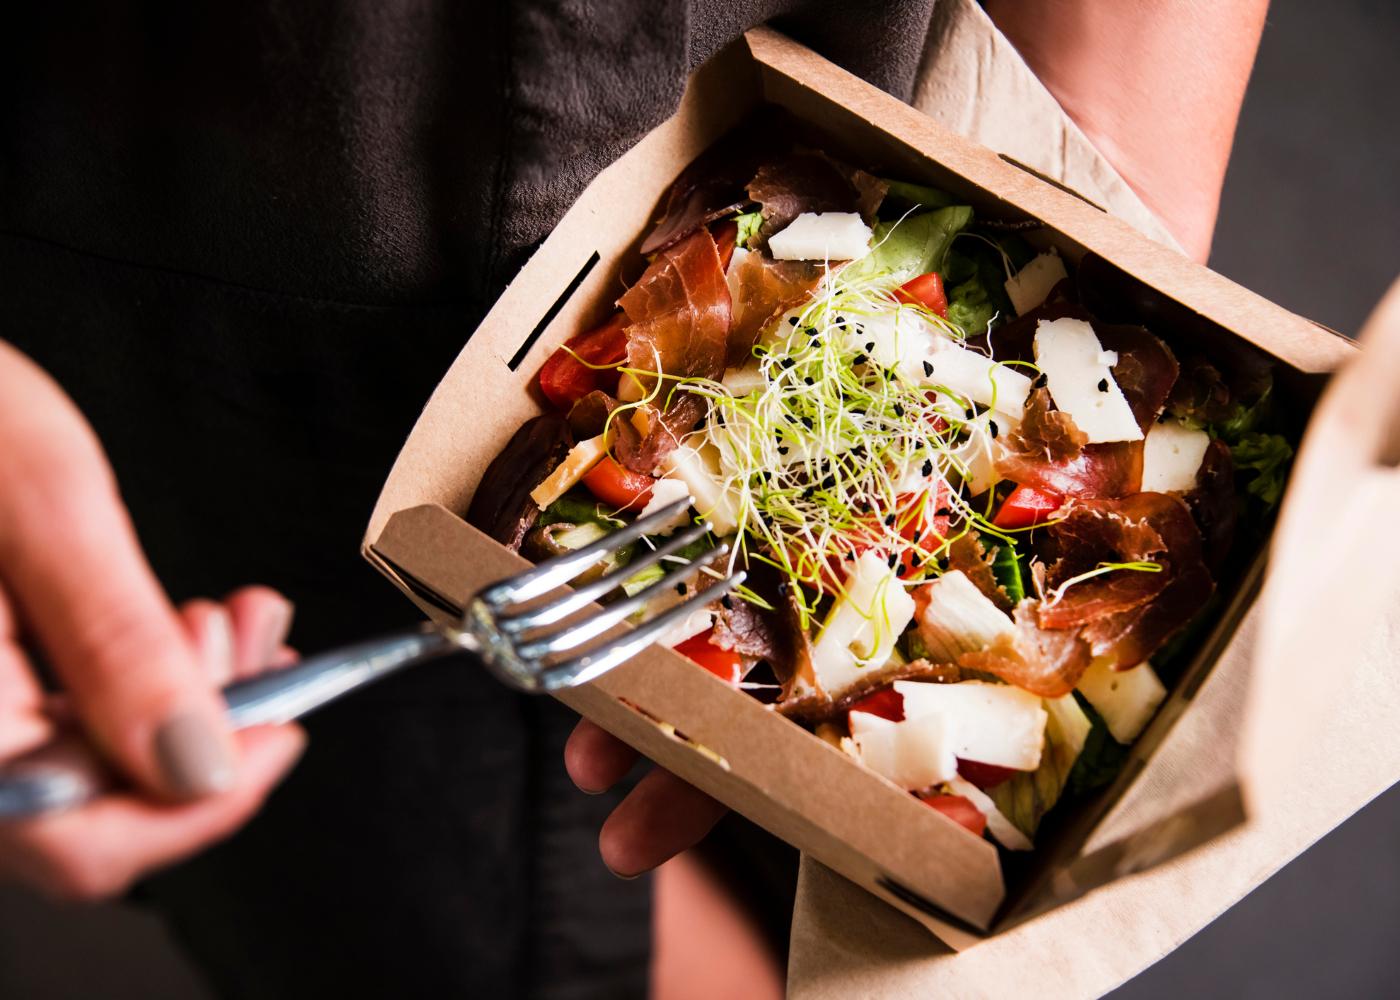 colite e alimentacao salada em caixa